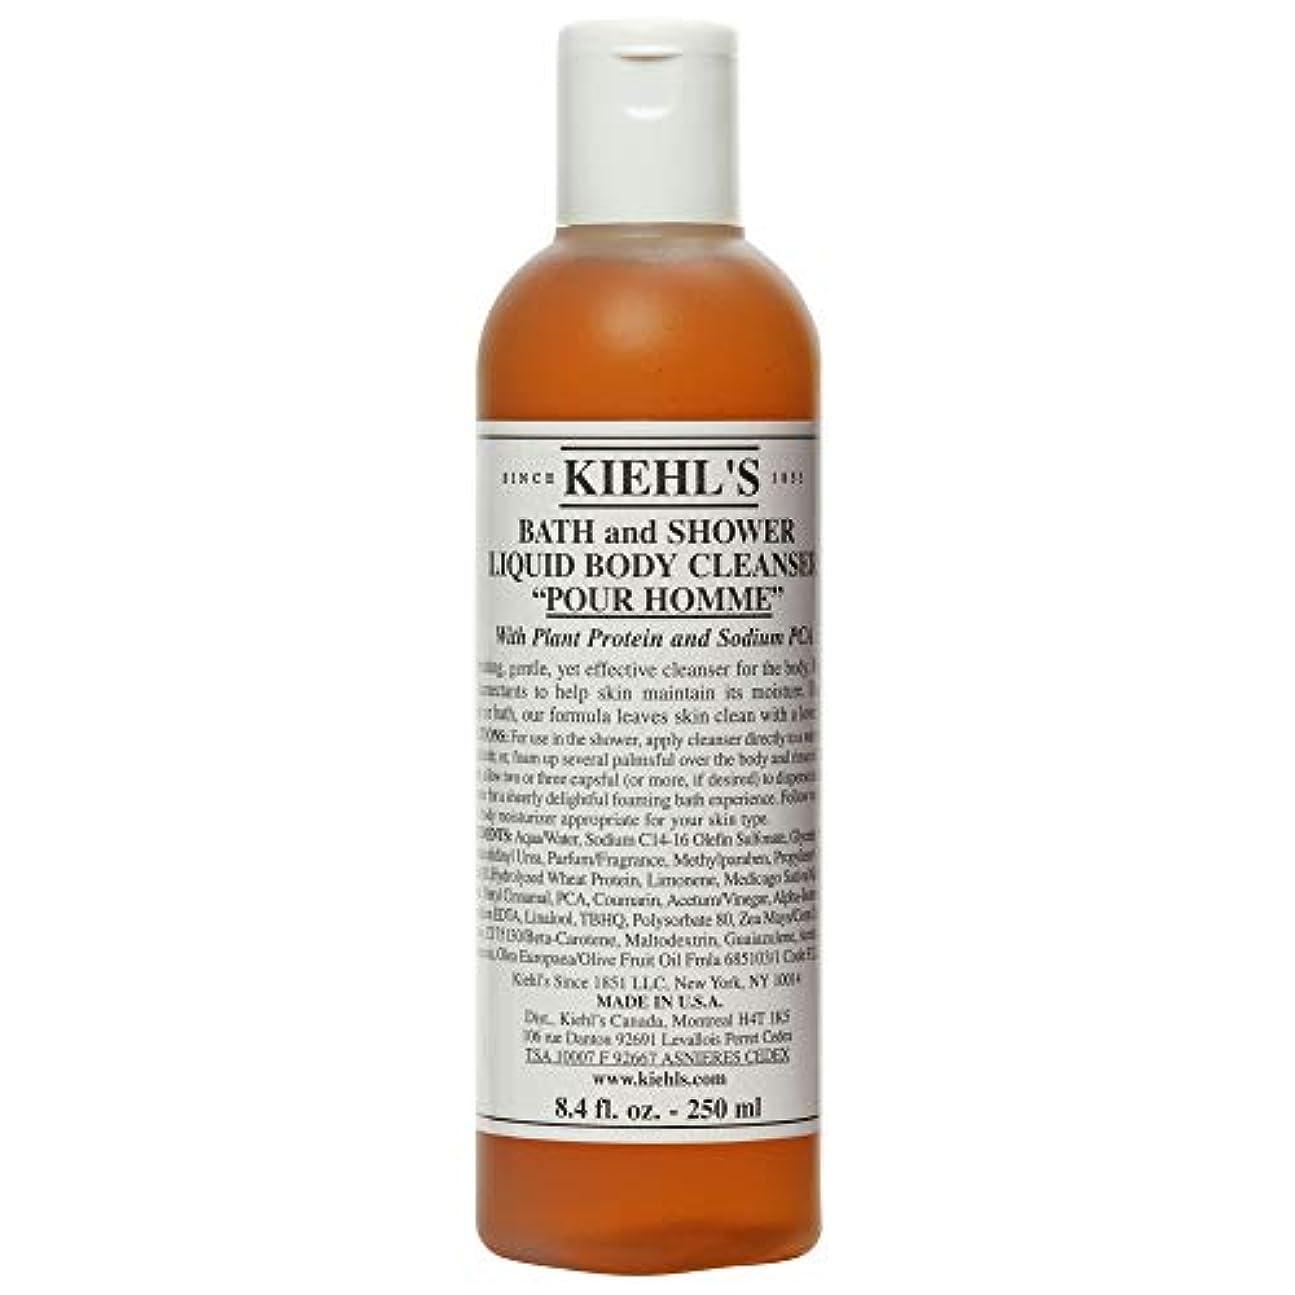 吸うフィールド指紋[Kiehl's ] キールさんはオムバスを注ぎ、液体ボディクレンザー250ミリリットルシャワー - Kiehl's Pour Homme Bath and Shower Liquid Body Cleanser 250ml [並行輸入品]